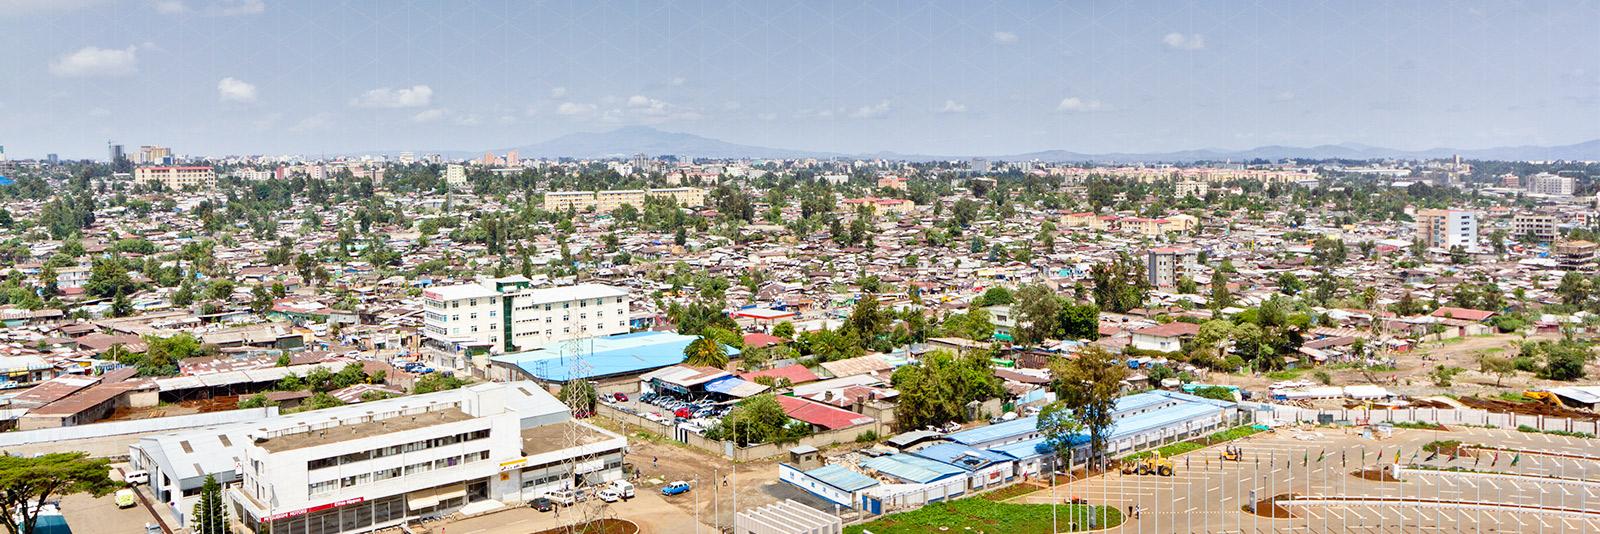 TRADE SHOW: ETHIOPIA AGROFOOD